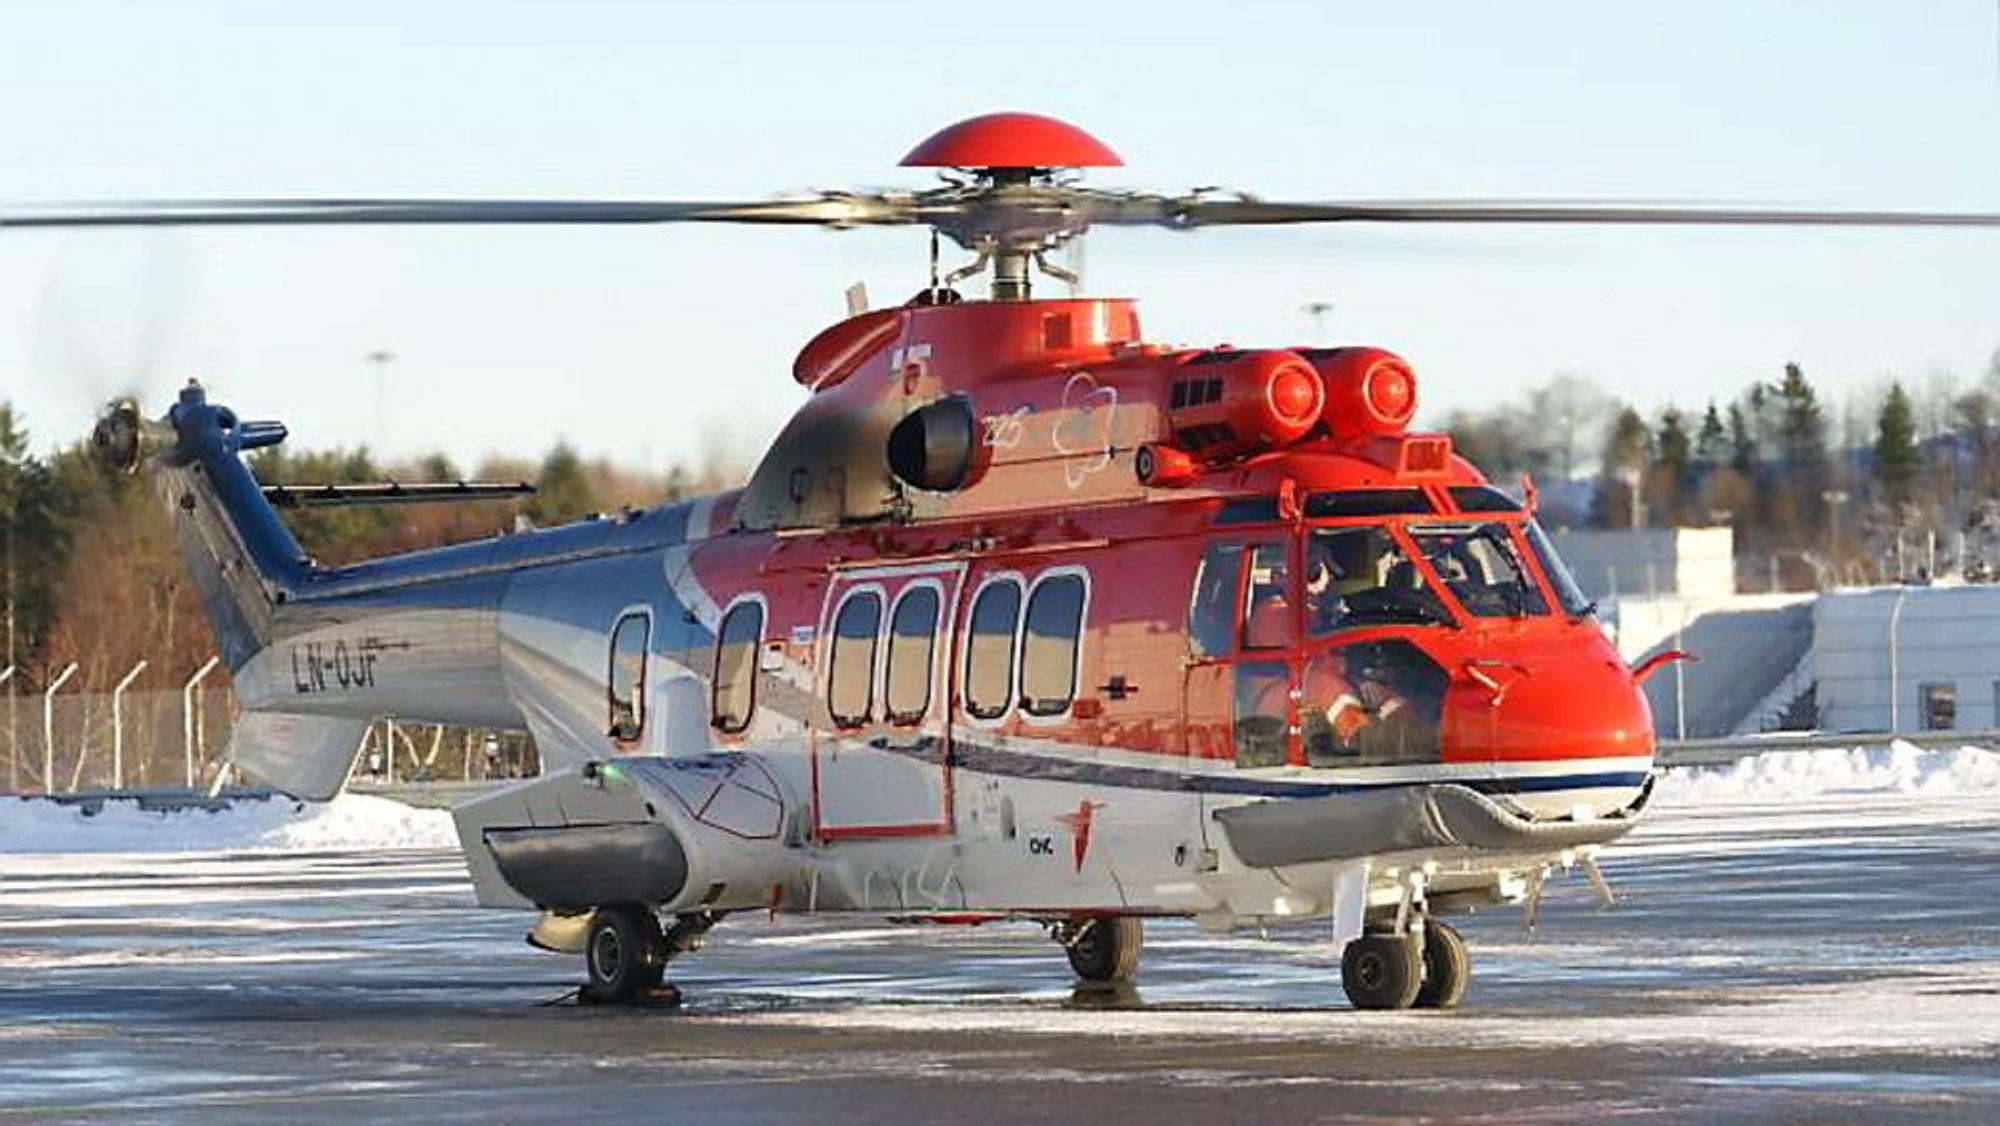 Det var dette helikopteret, et EC225 Super Puma med registreringsnummer LN-OJF, som havarerte 29. april 2016.